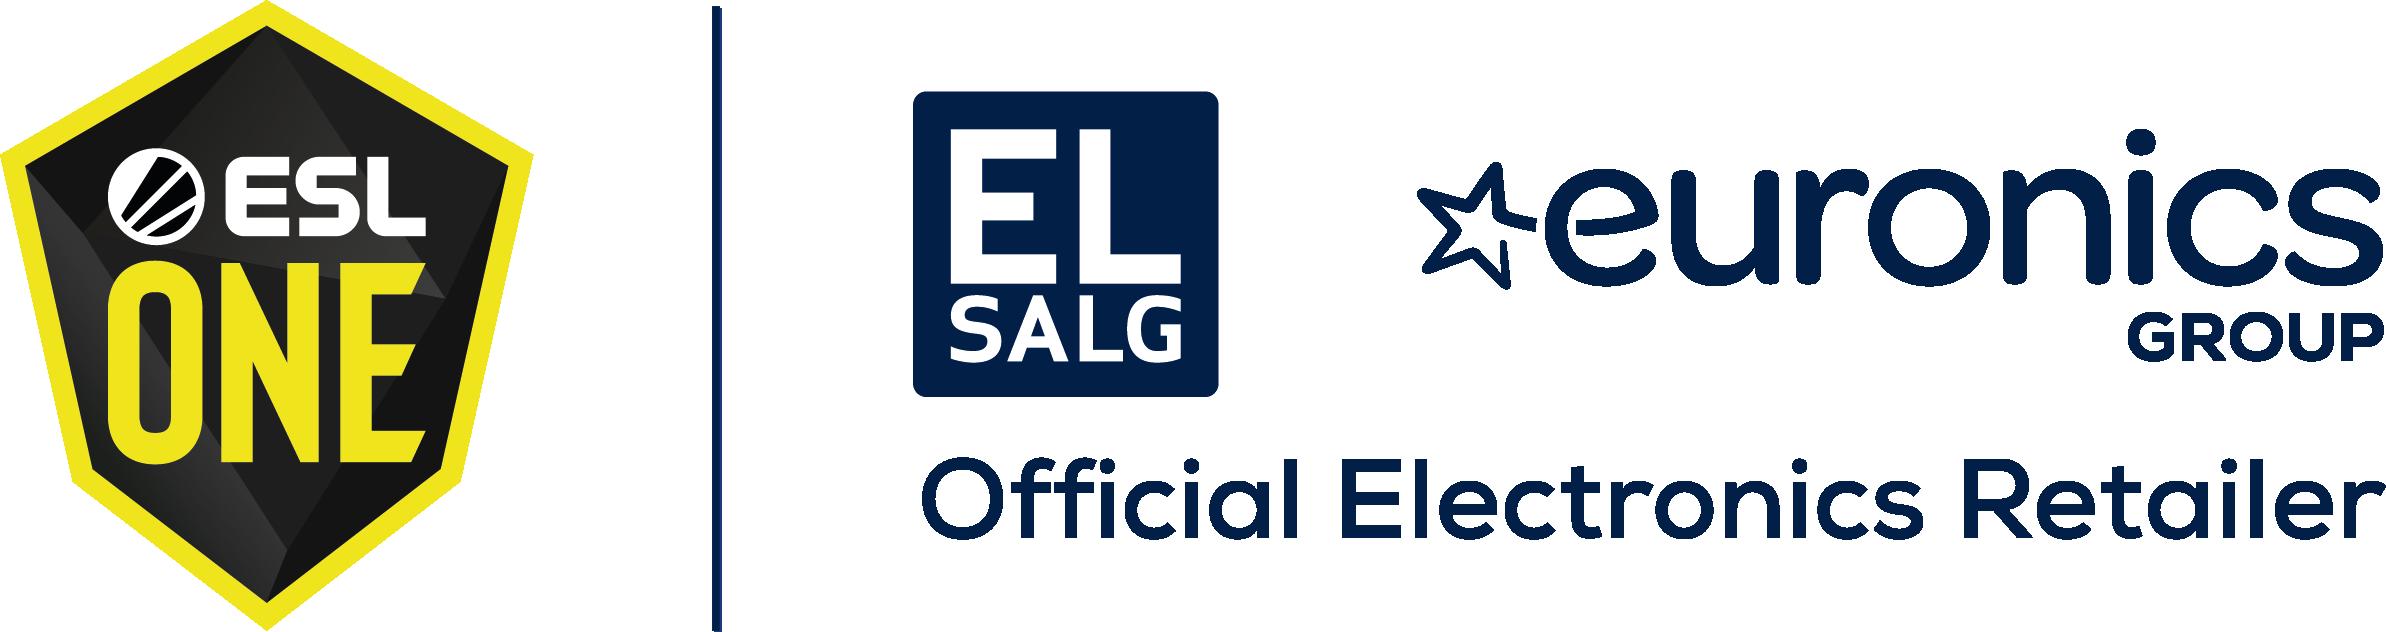 01_Sponsorship_Logo1